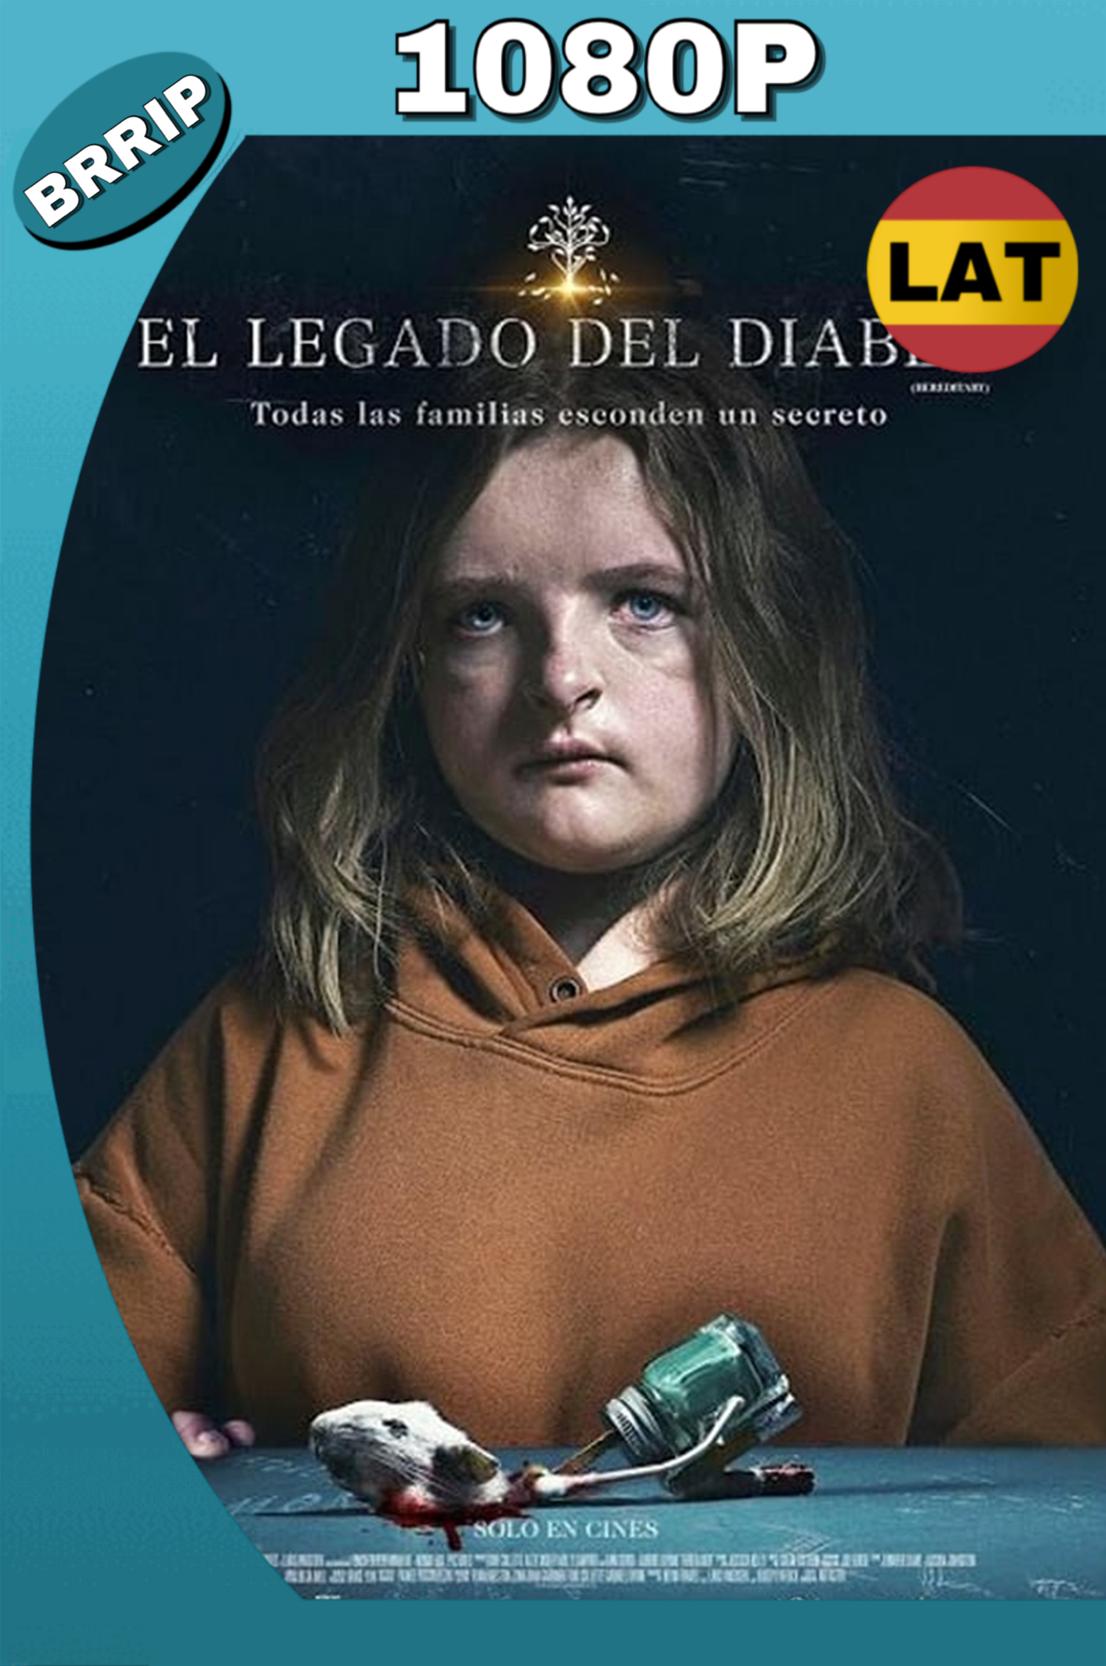 EL LEGADO DEL DIABLO 2018 LAT-ING BRRIP 1080P.mkv